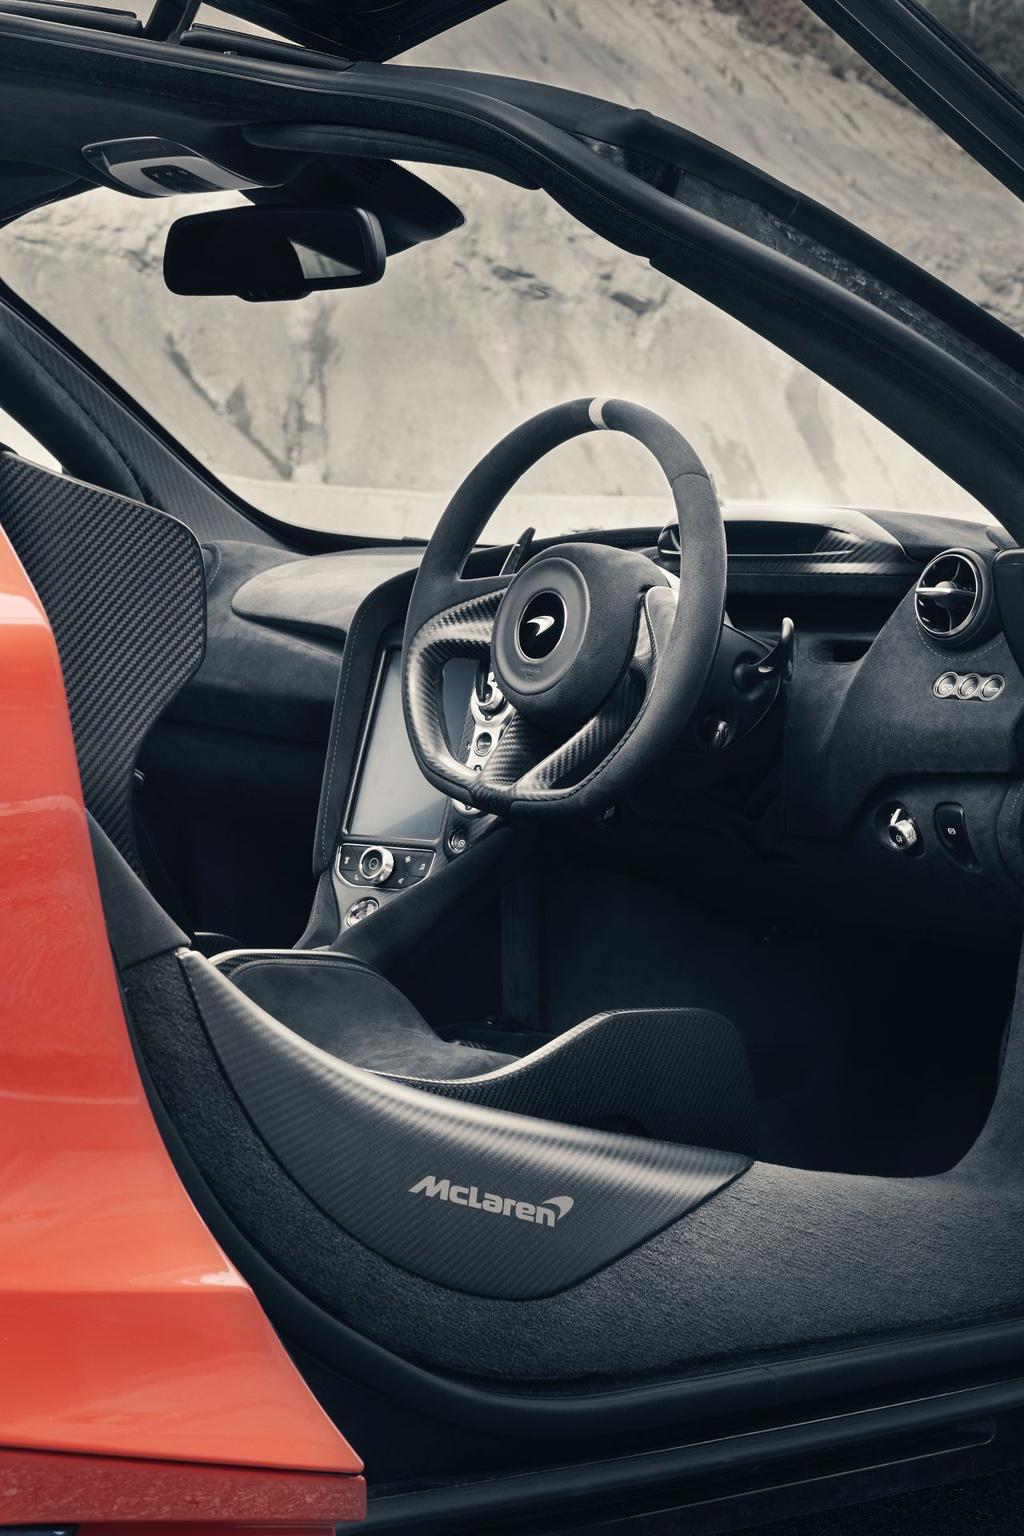 Siêu xe McLaren 765LT đặt chân tới Mỹ